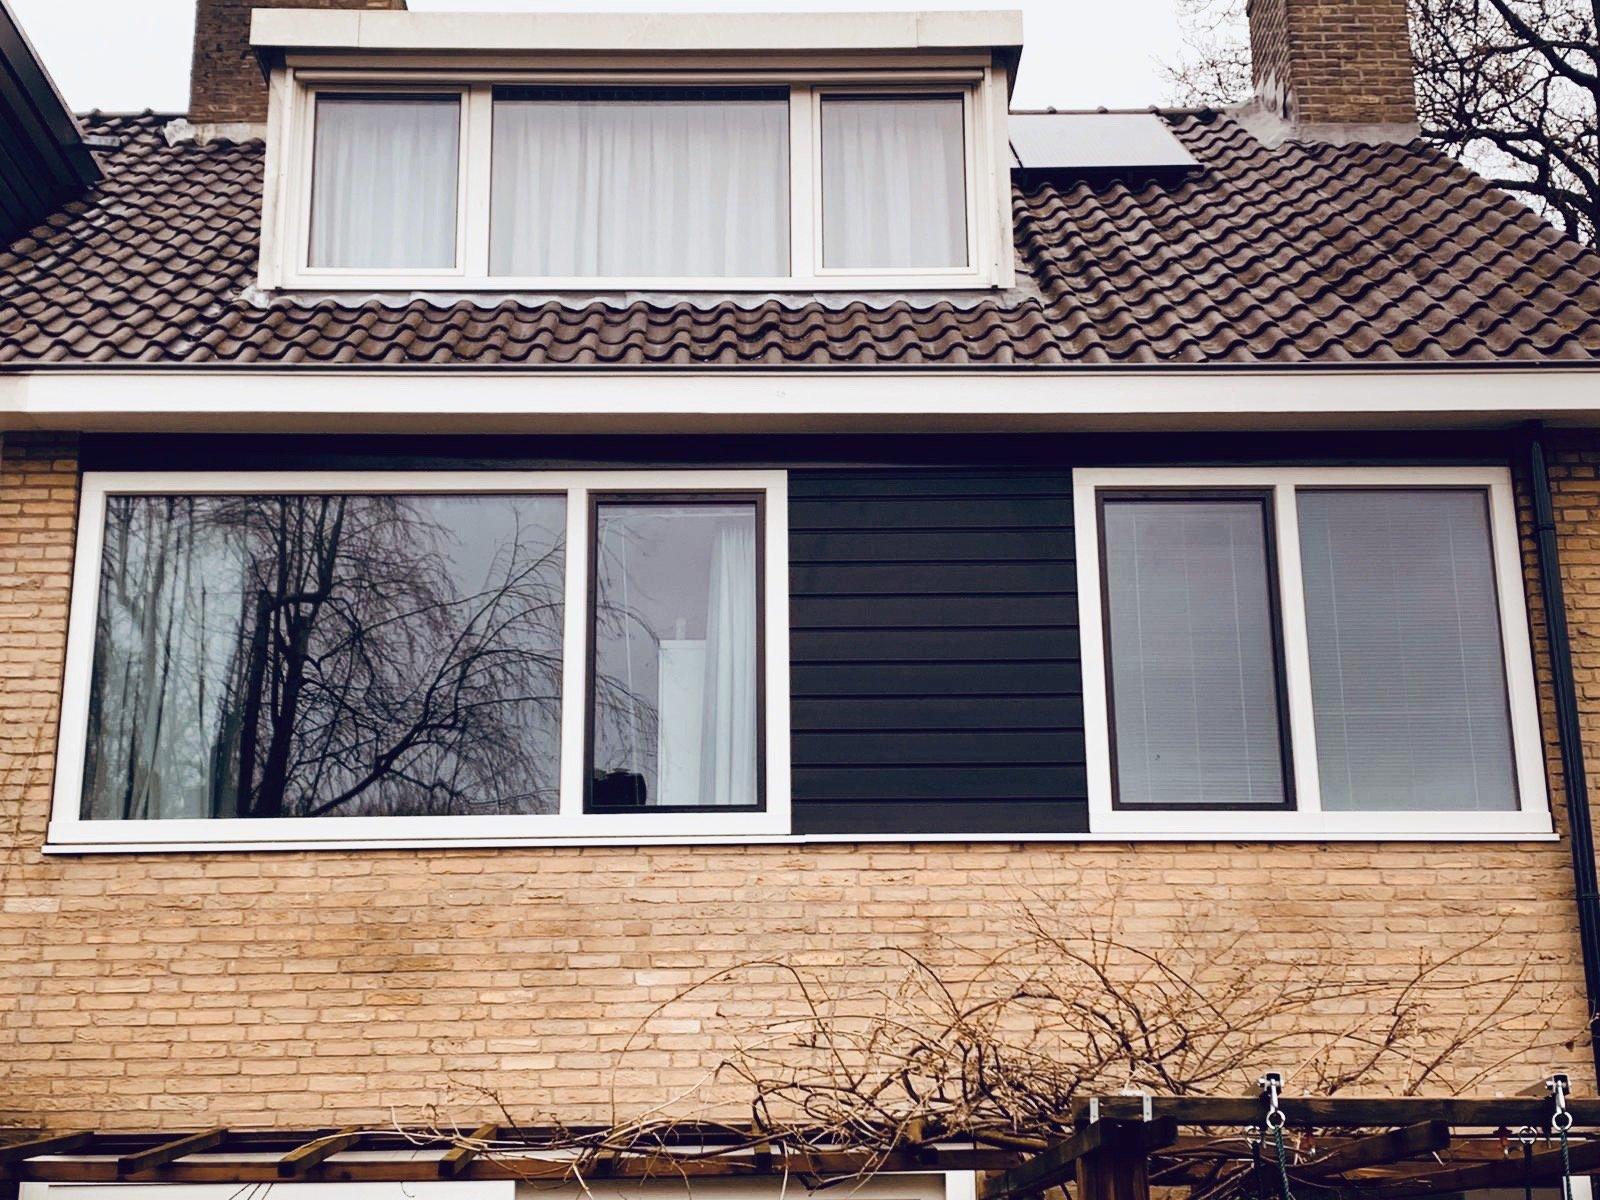 Volledige woning onderhoudsvrij gemaakt in Bunnik met kunststof kozijnen en gevelbekleding.